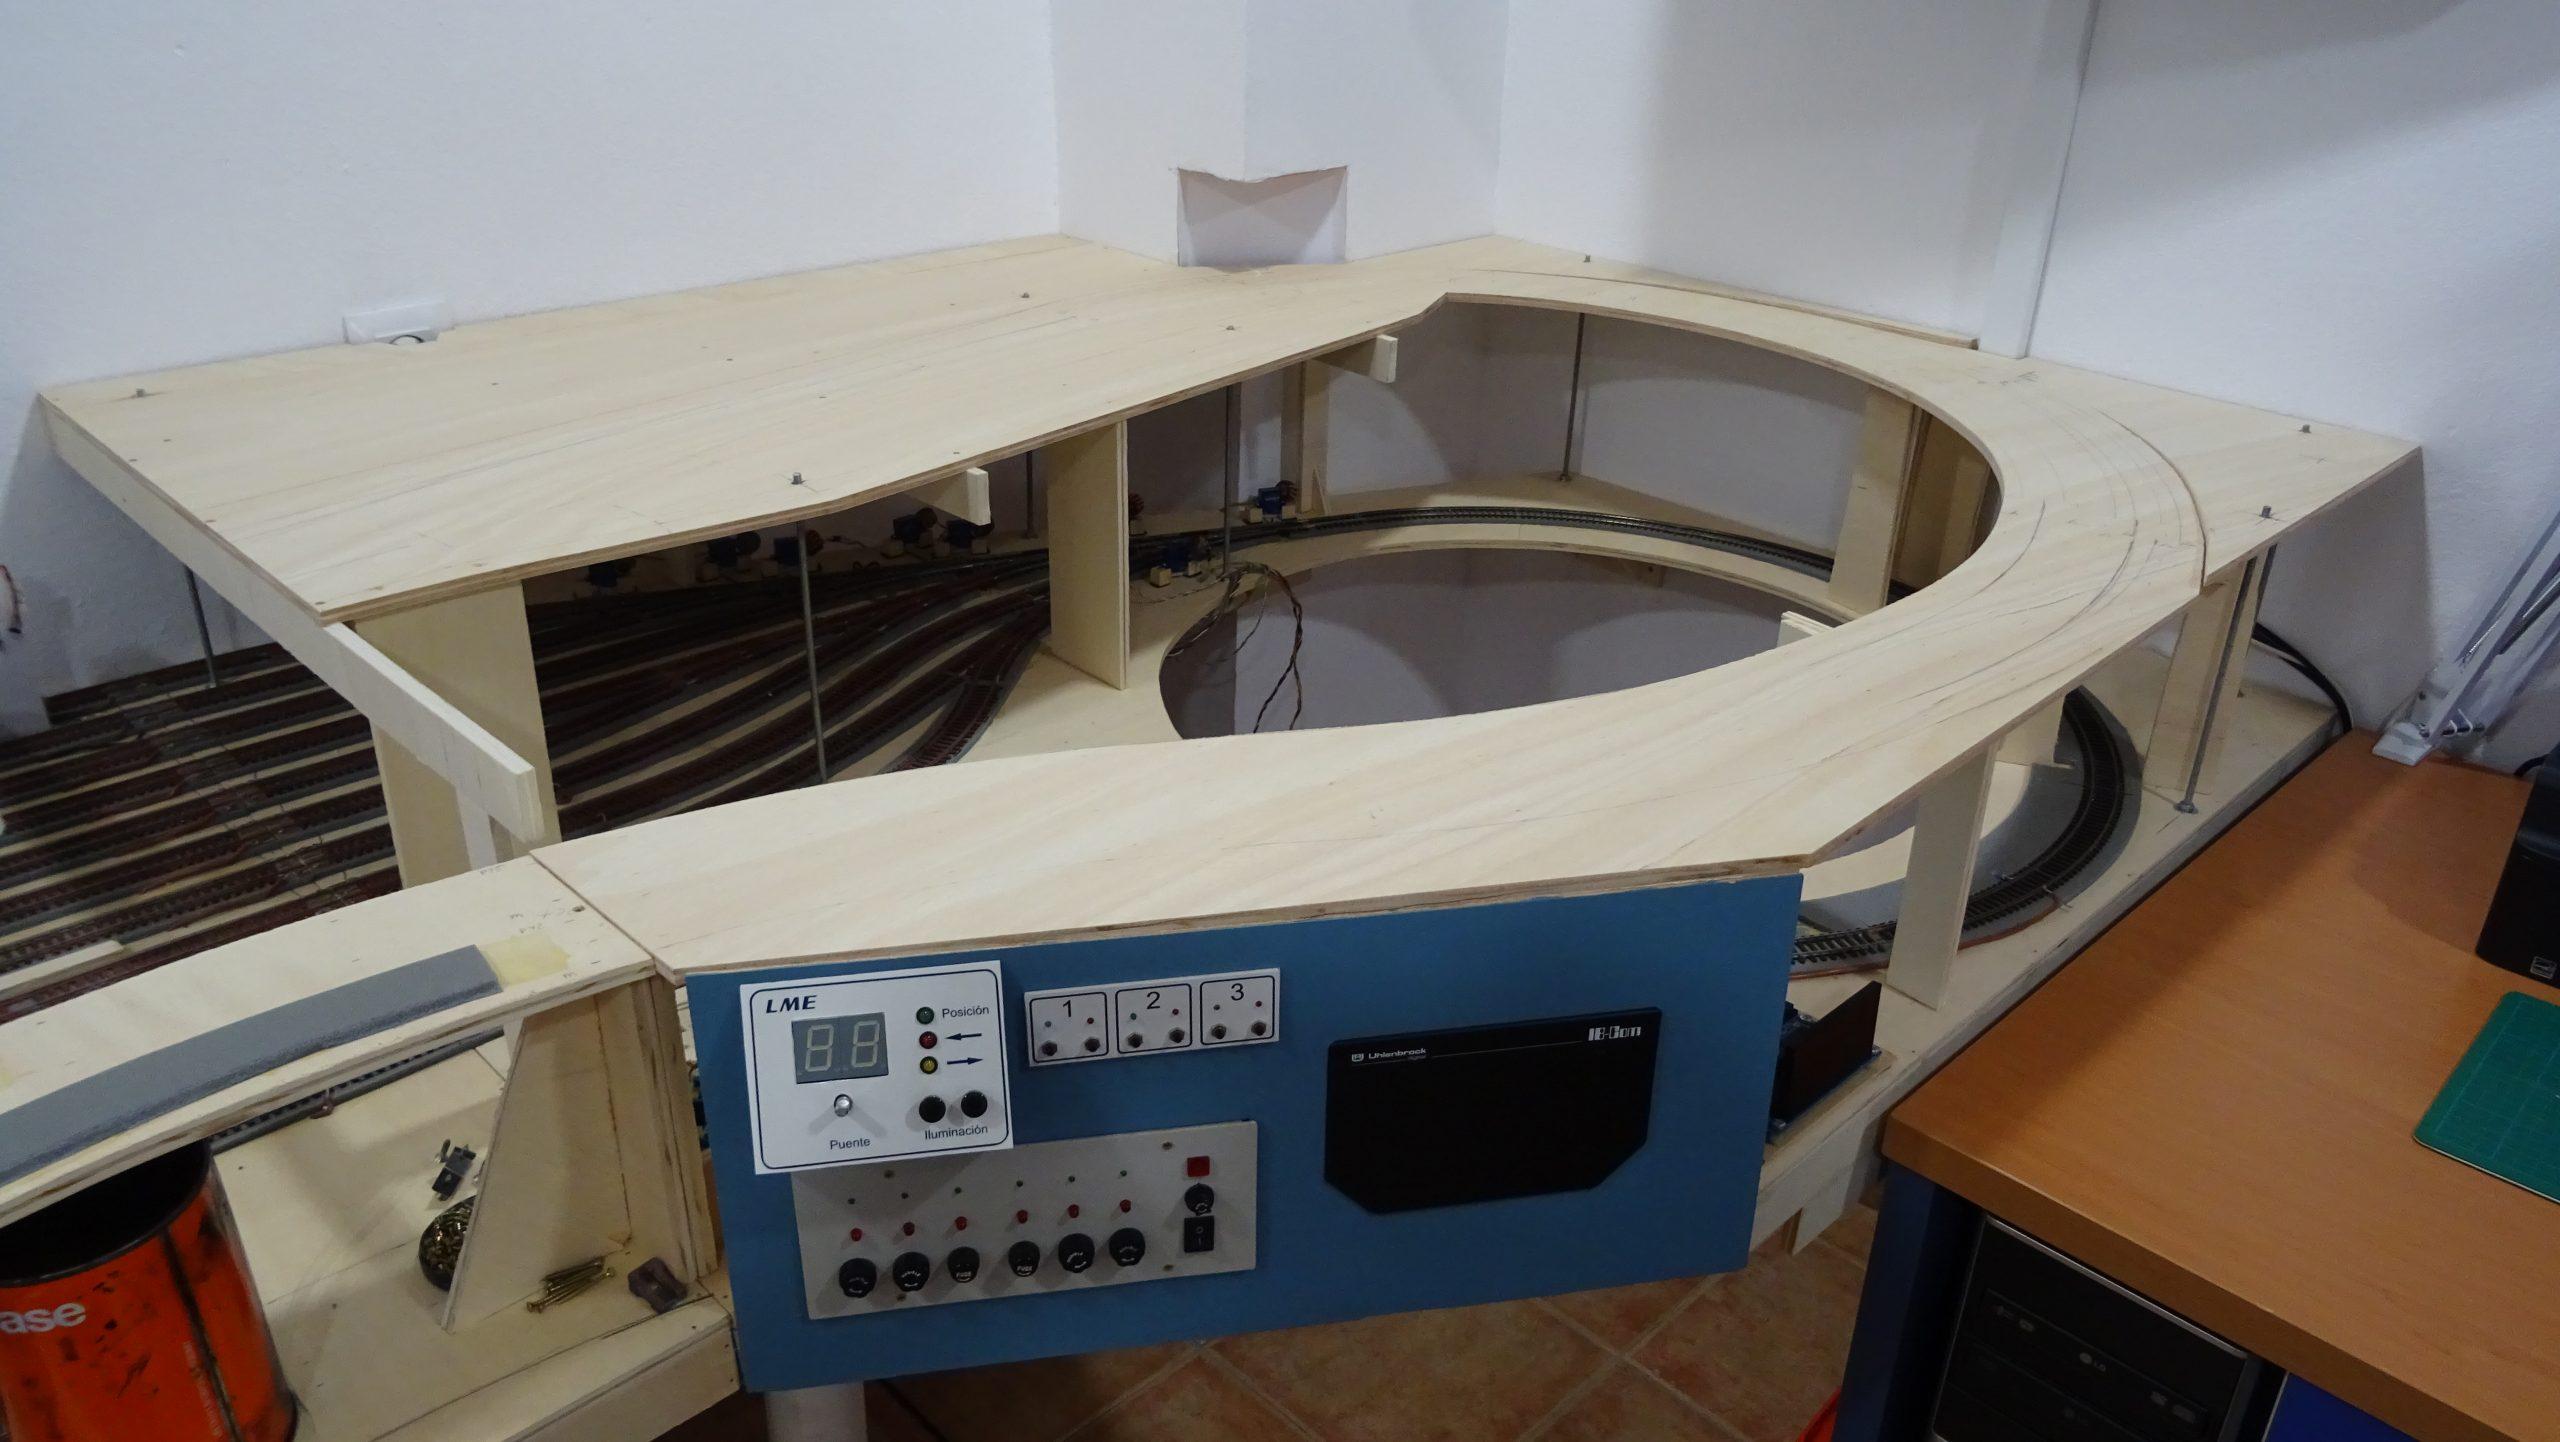 Módulo 1 de la maqueta de trenes con el tablero superior colocado